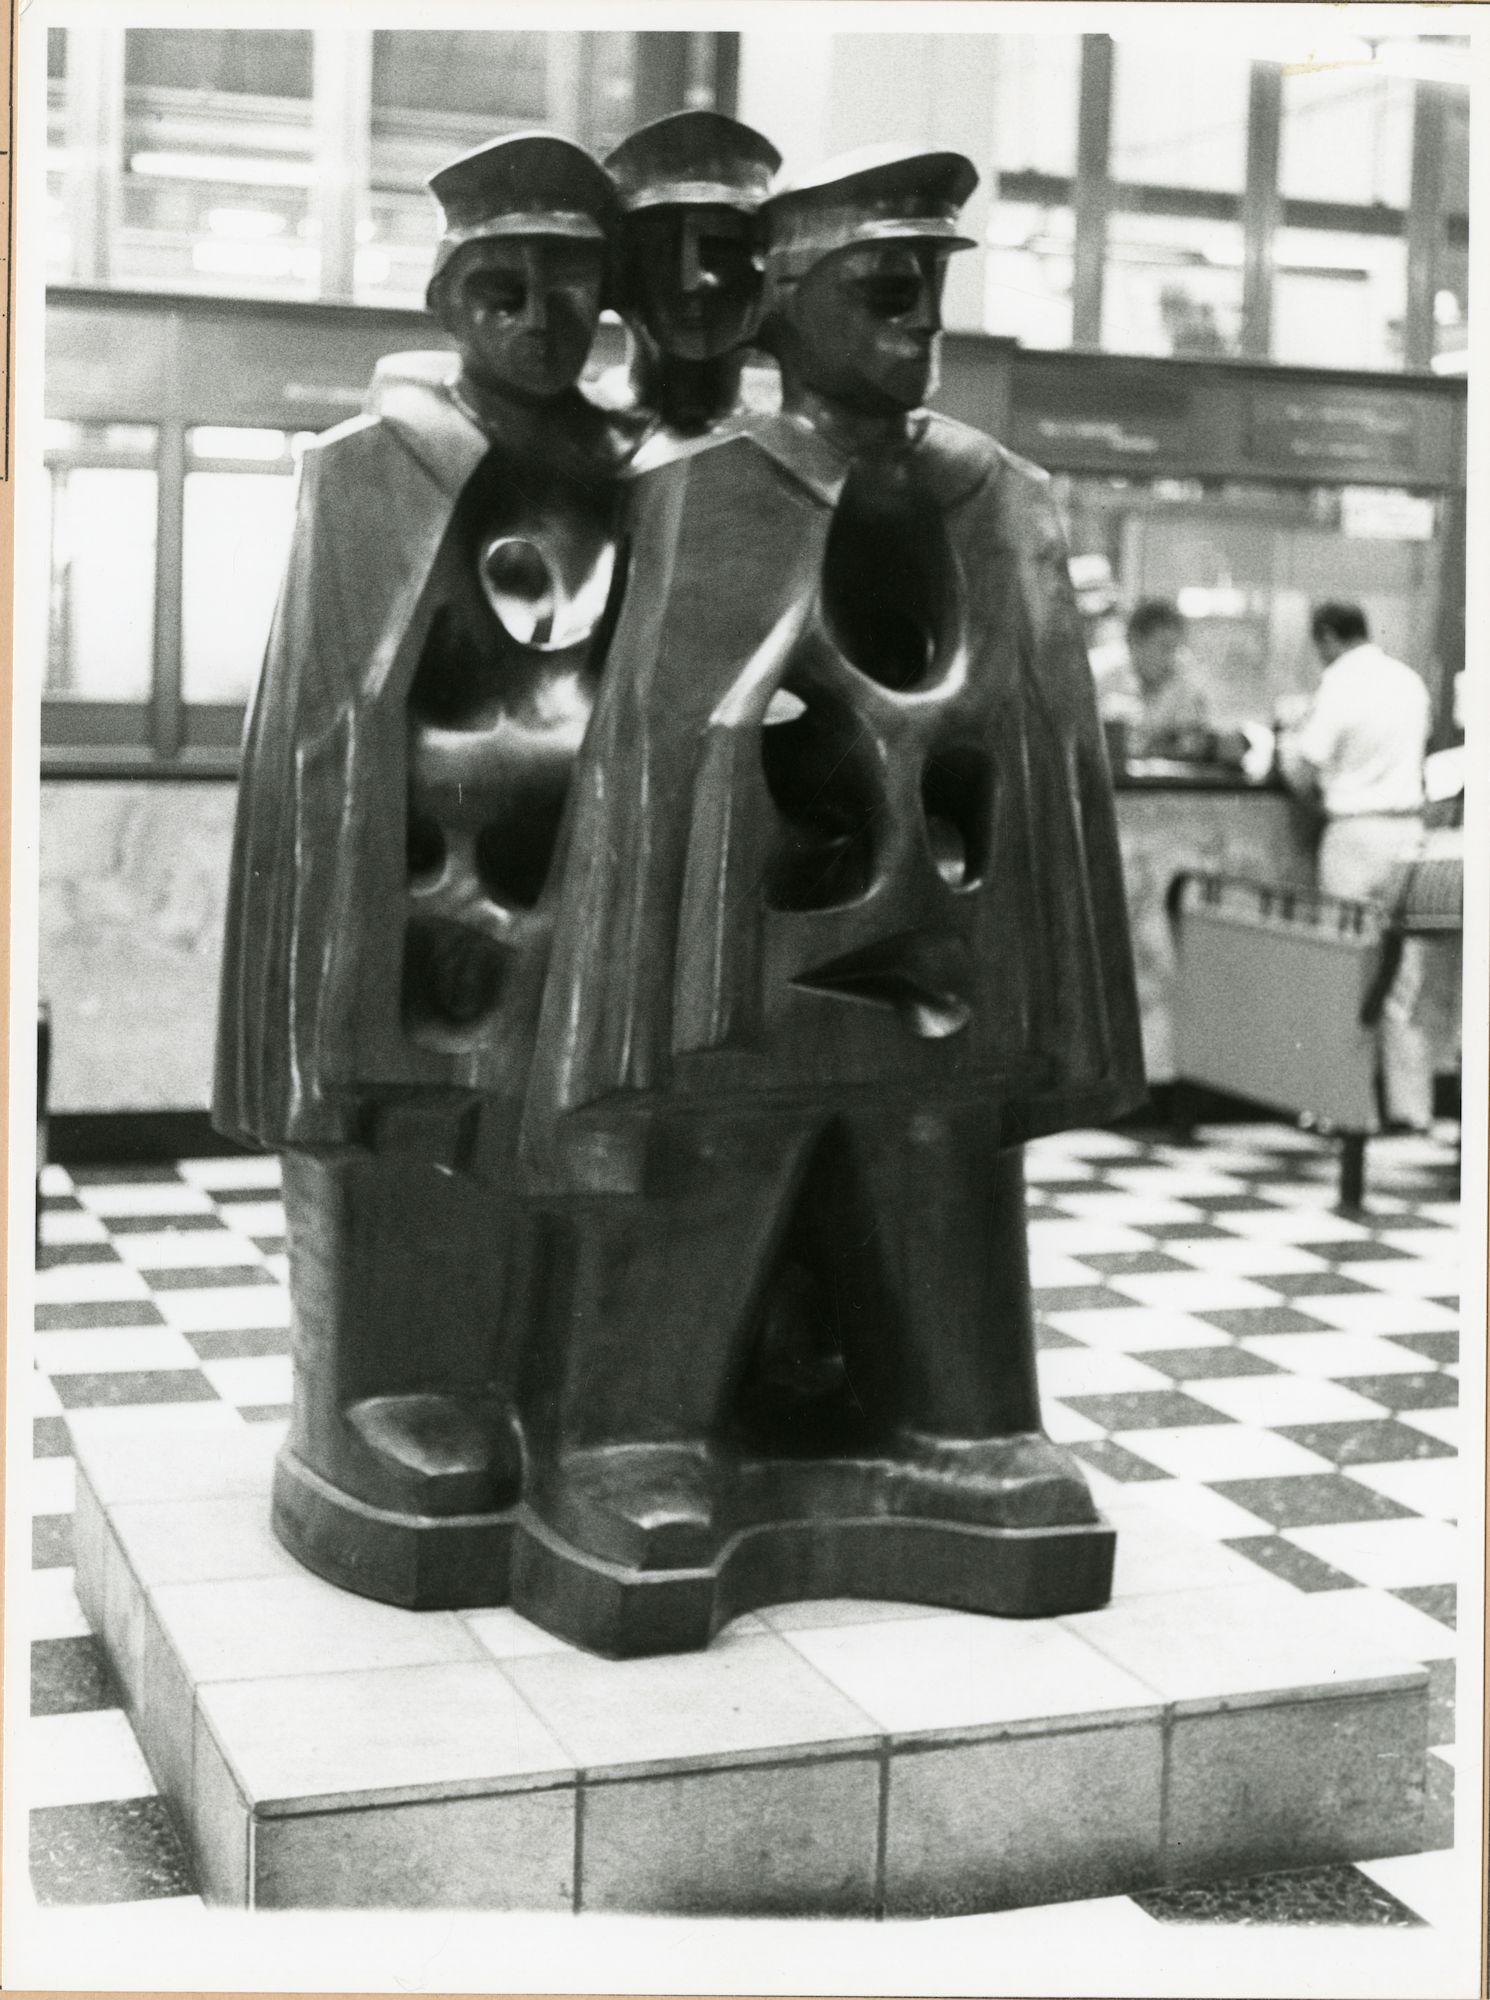 Gent: Korenmarkt: Standbeeld, 1980